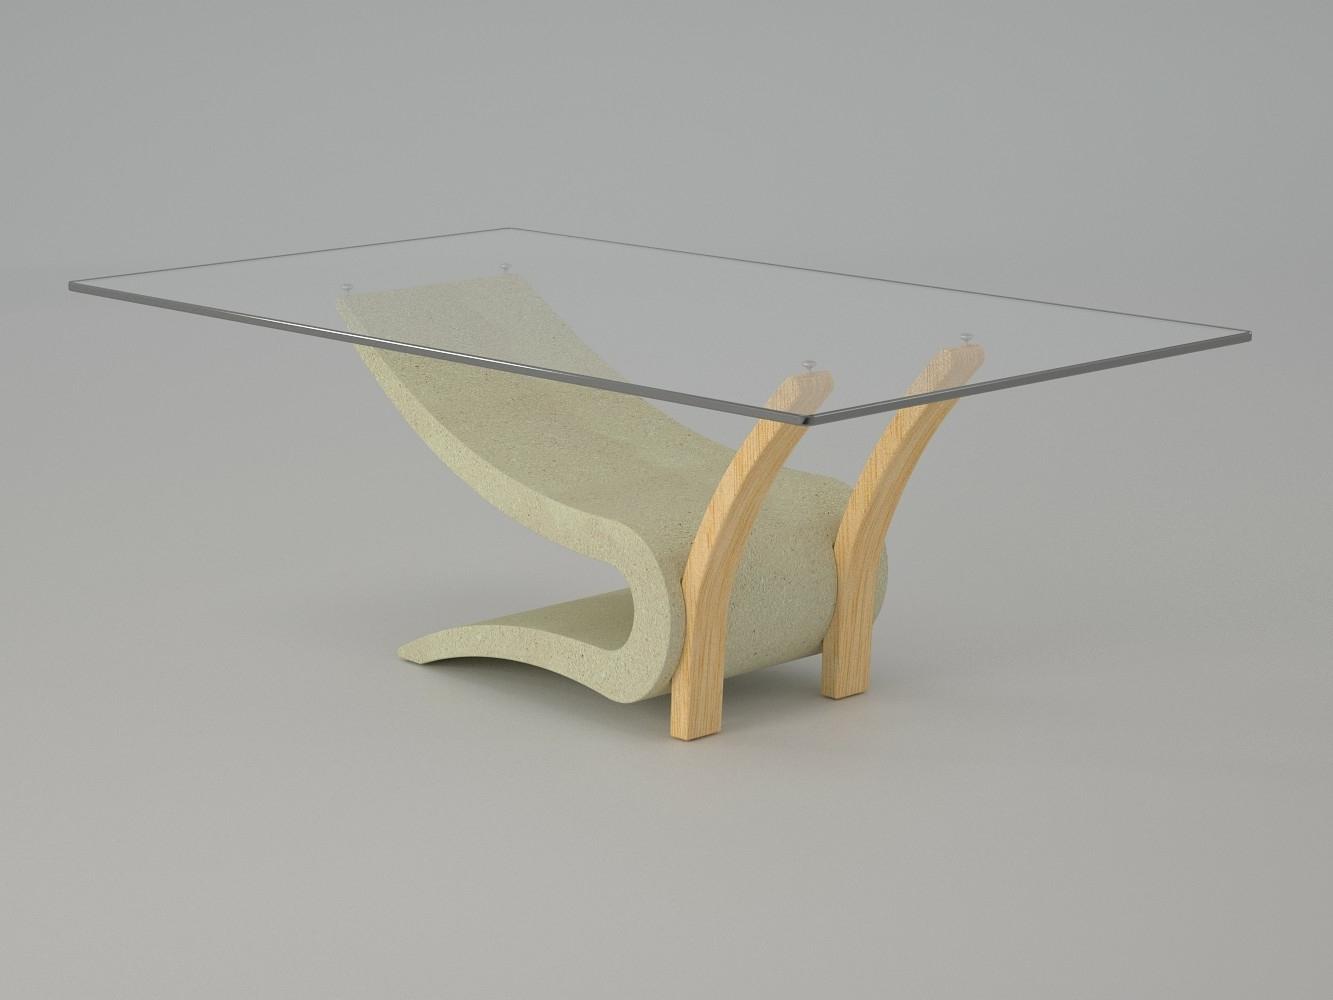 Tavolino Da Salotto Arte Povera.Dribbble Tanatos 84f 1 14 Tavolino Da Salotto Arte Povera Jpg By